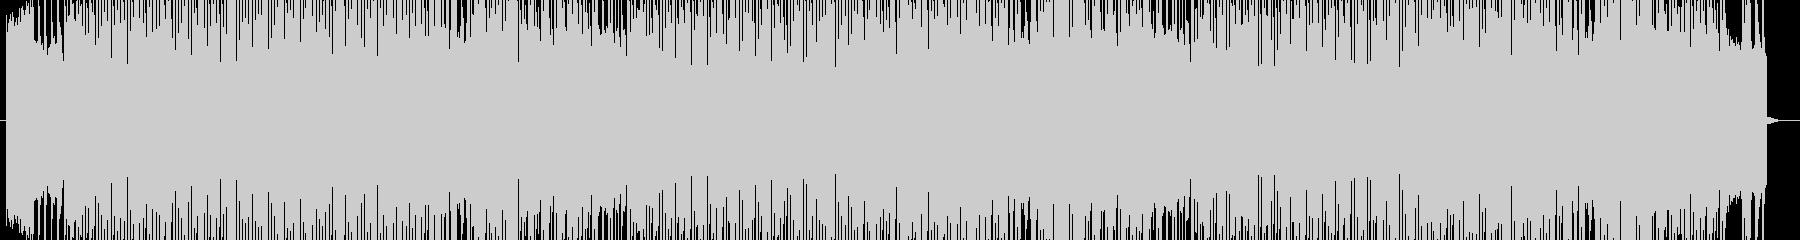 ファミコンGB聖剣伝説風フィールド曲の未再生の波形